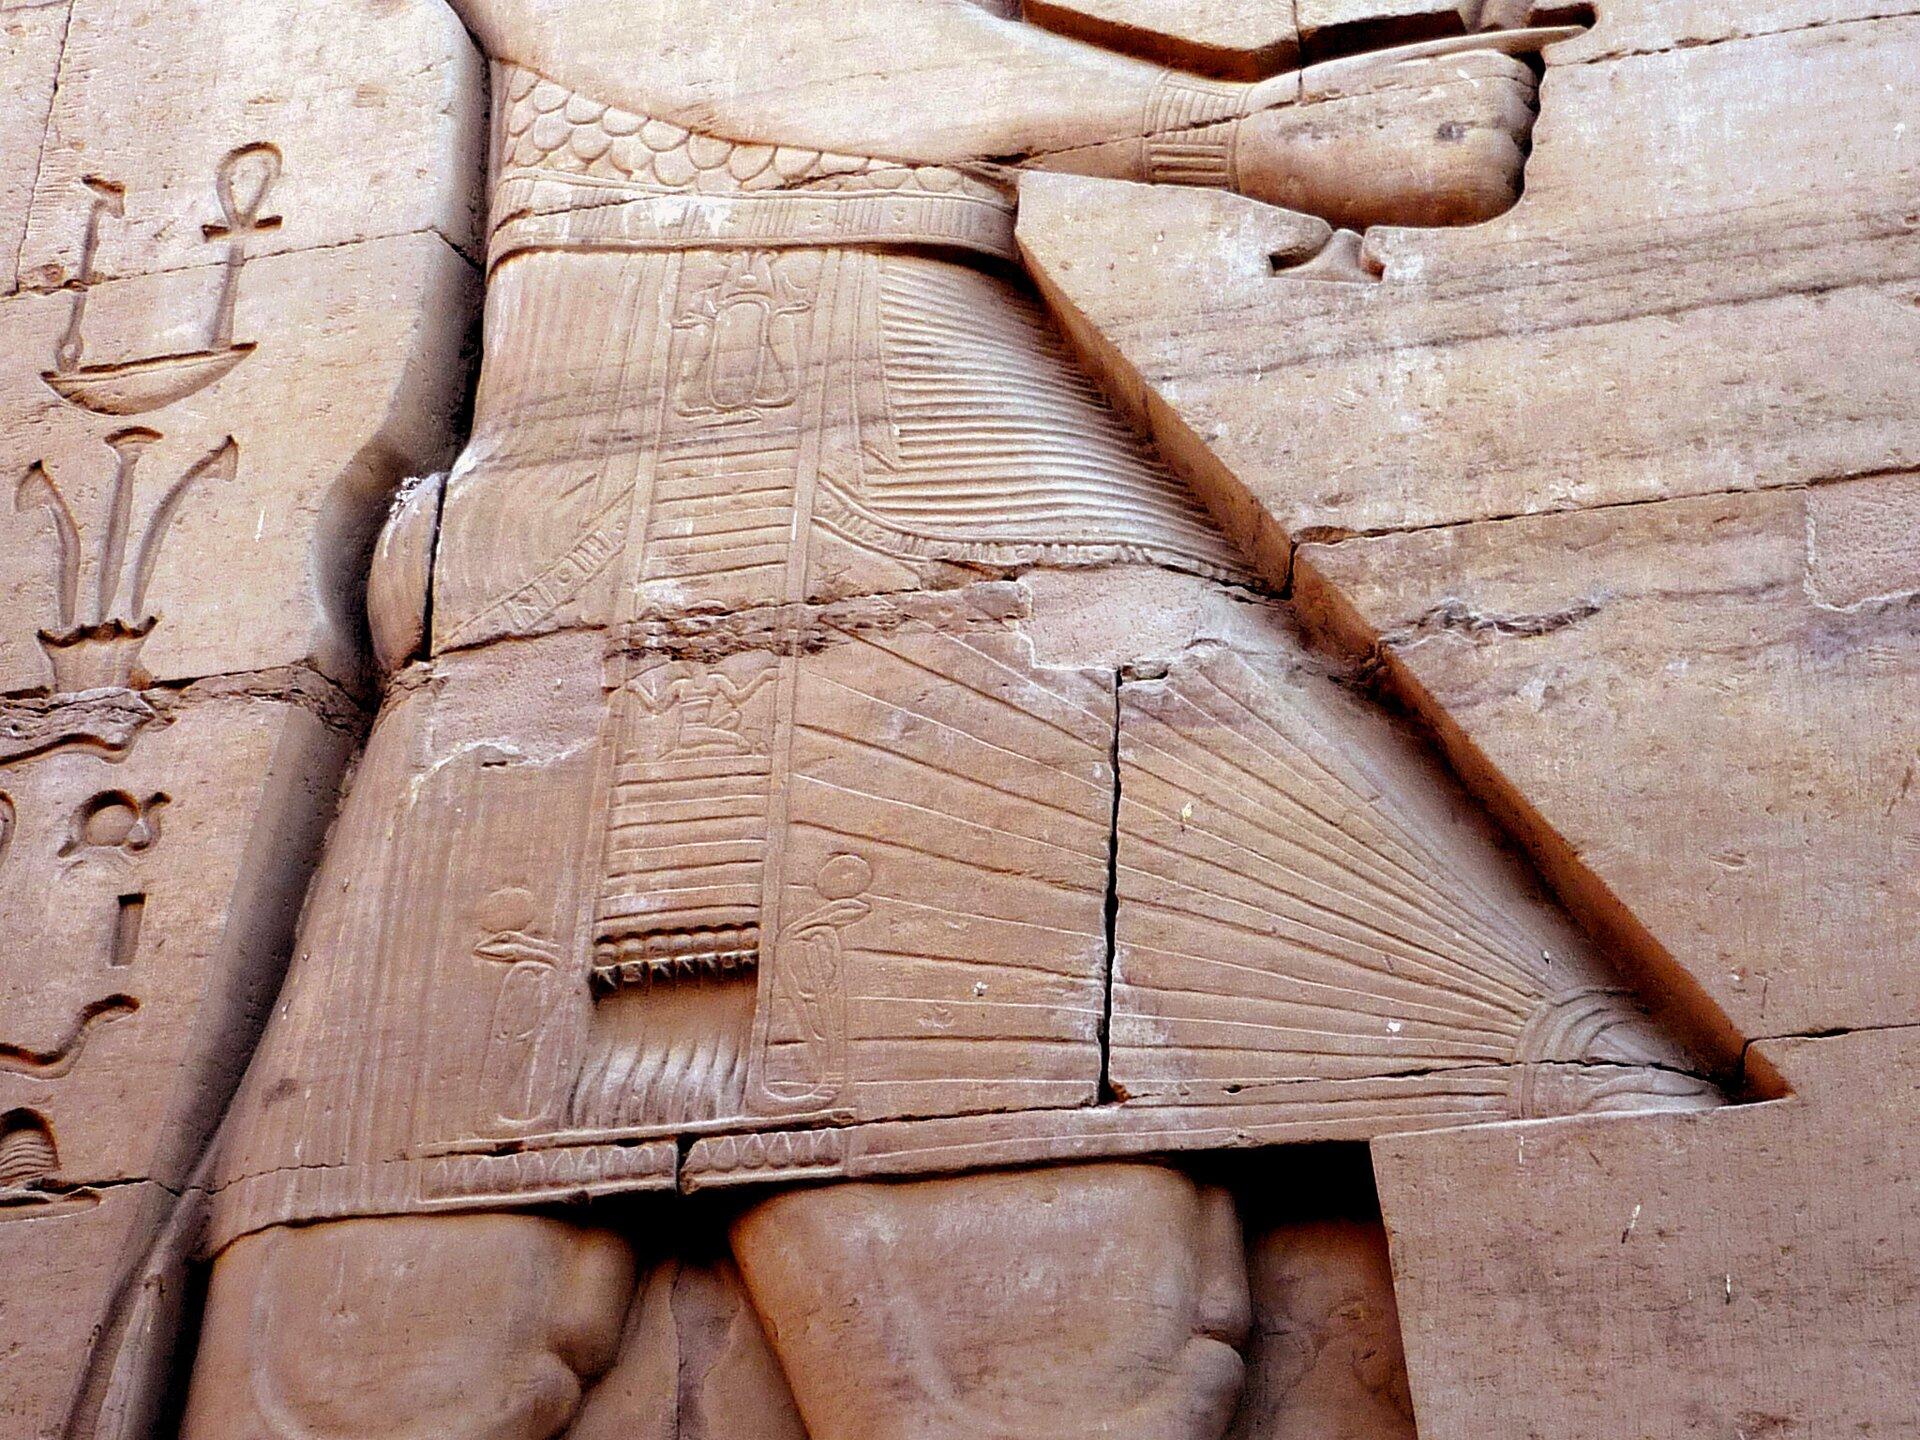 Ilustracja przedstawia Relief wklęsły ze ściany świątyni wKom Obo wEgipcie. Na fotografii widać fragment rzeźby, na którym widnieje część starożytnego stroju. Na stroju widoczne są promienie słoneczne oraz poziome kreski. Obok stroju widnieje pismo naścienne.